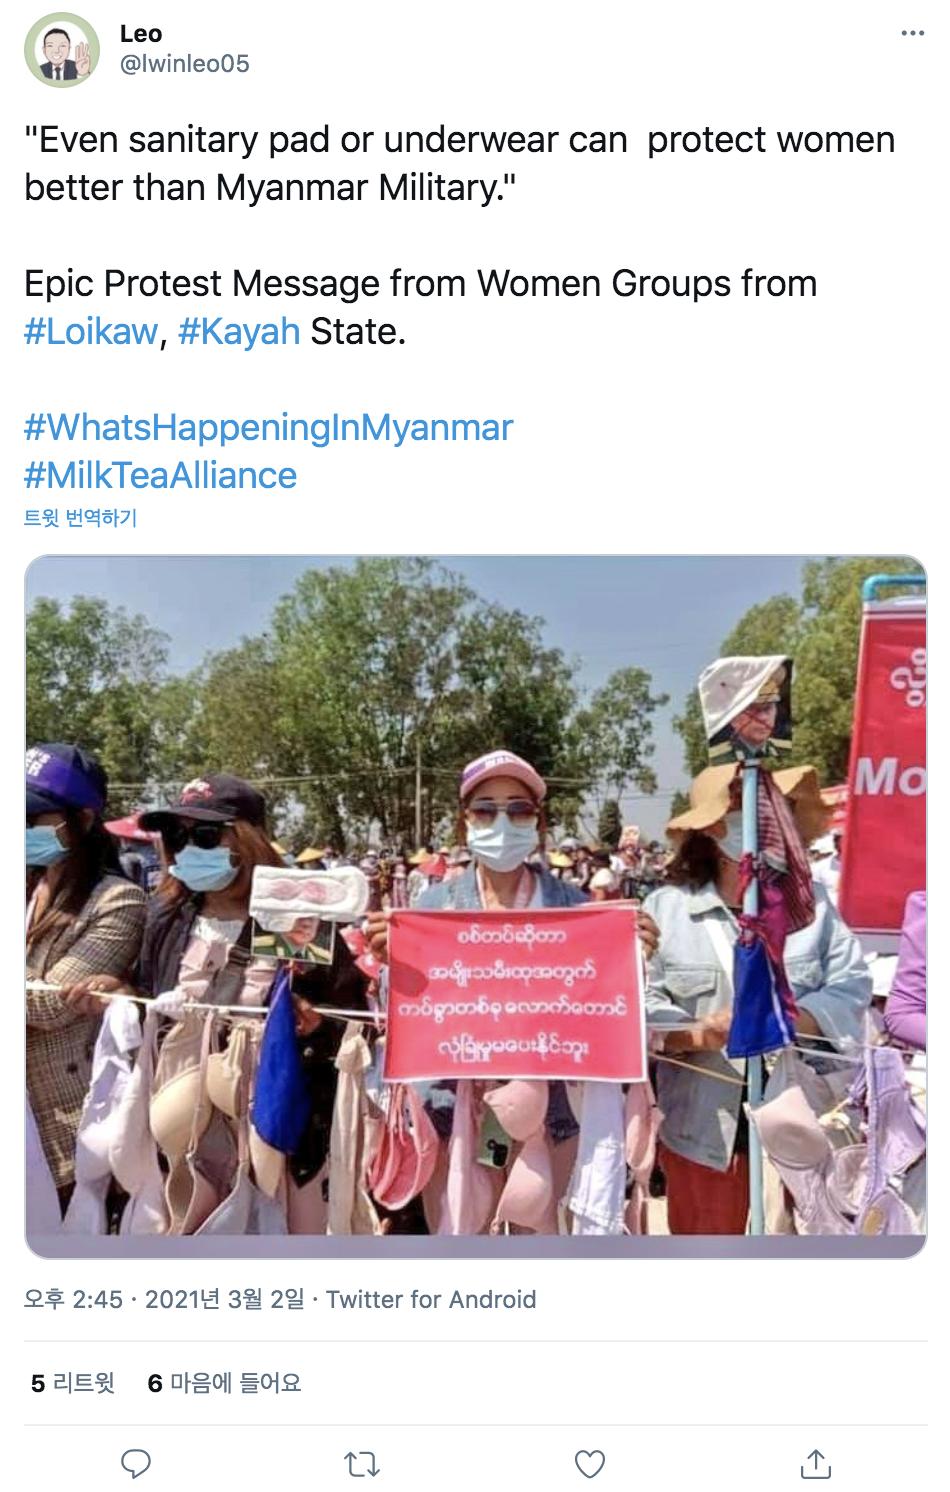 미얀마 카야주 로이코의 한 여성 시위대가 팻말을 내건 모습.  ⓒⓒ미얀마 반군부 시위대 연대자 @lwinleo05 트위터 캡처